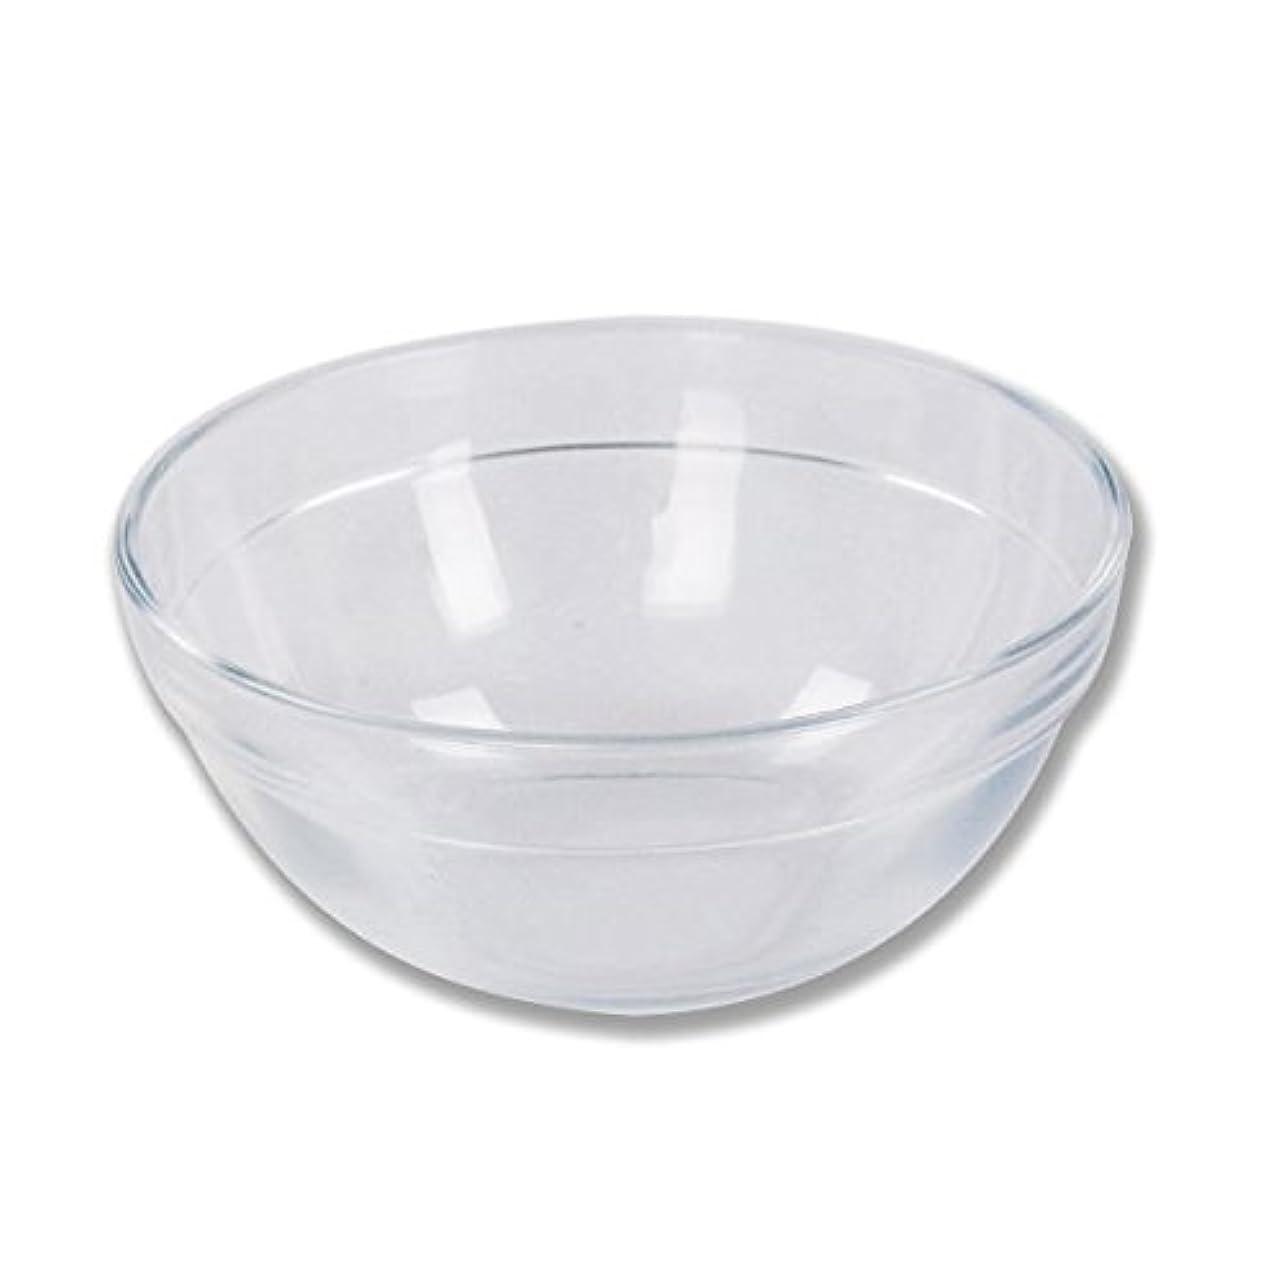 分析する大声で期限切れガラスボウル (XLサイズ) [ ガラスボール カップボウル カップボール エステ サロン ガラス ボウル カップ 高級感 ]